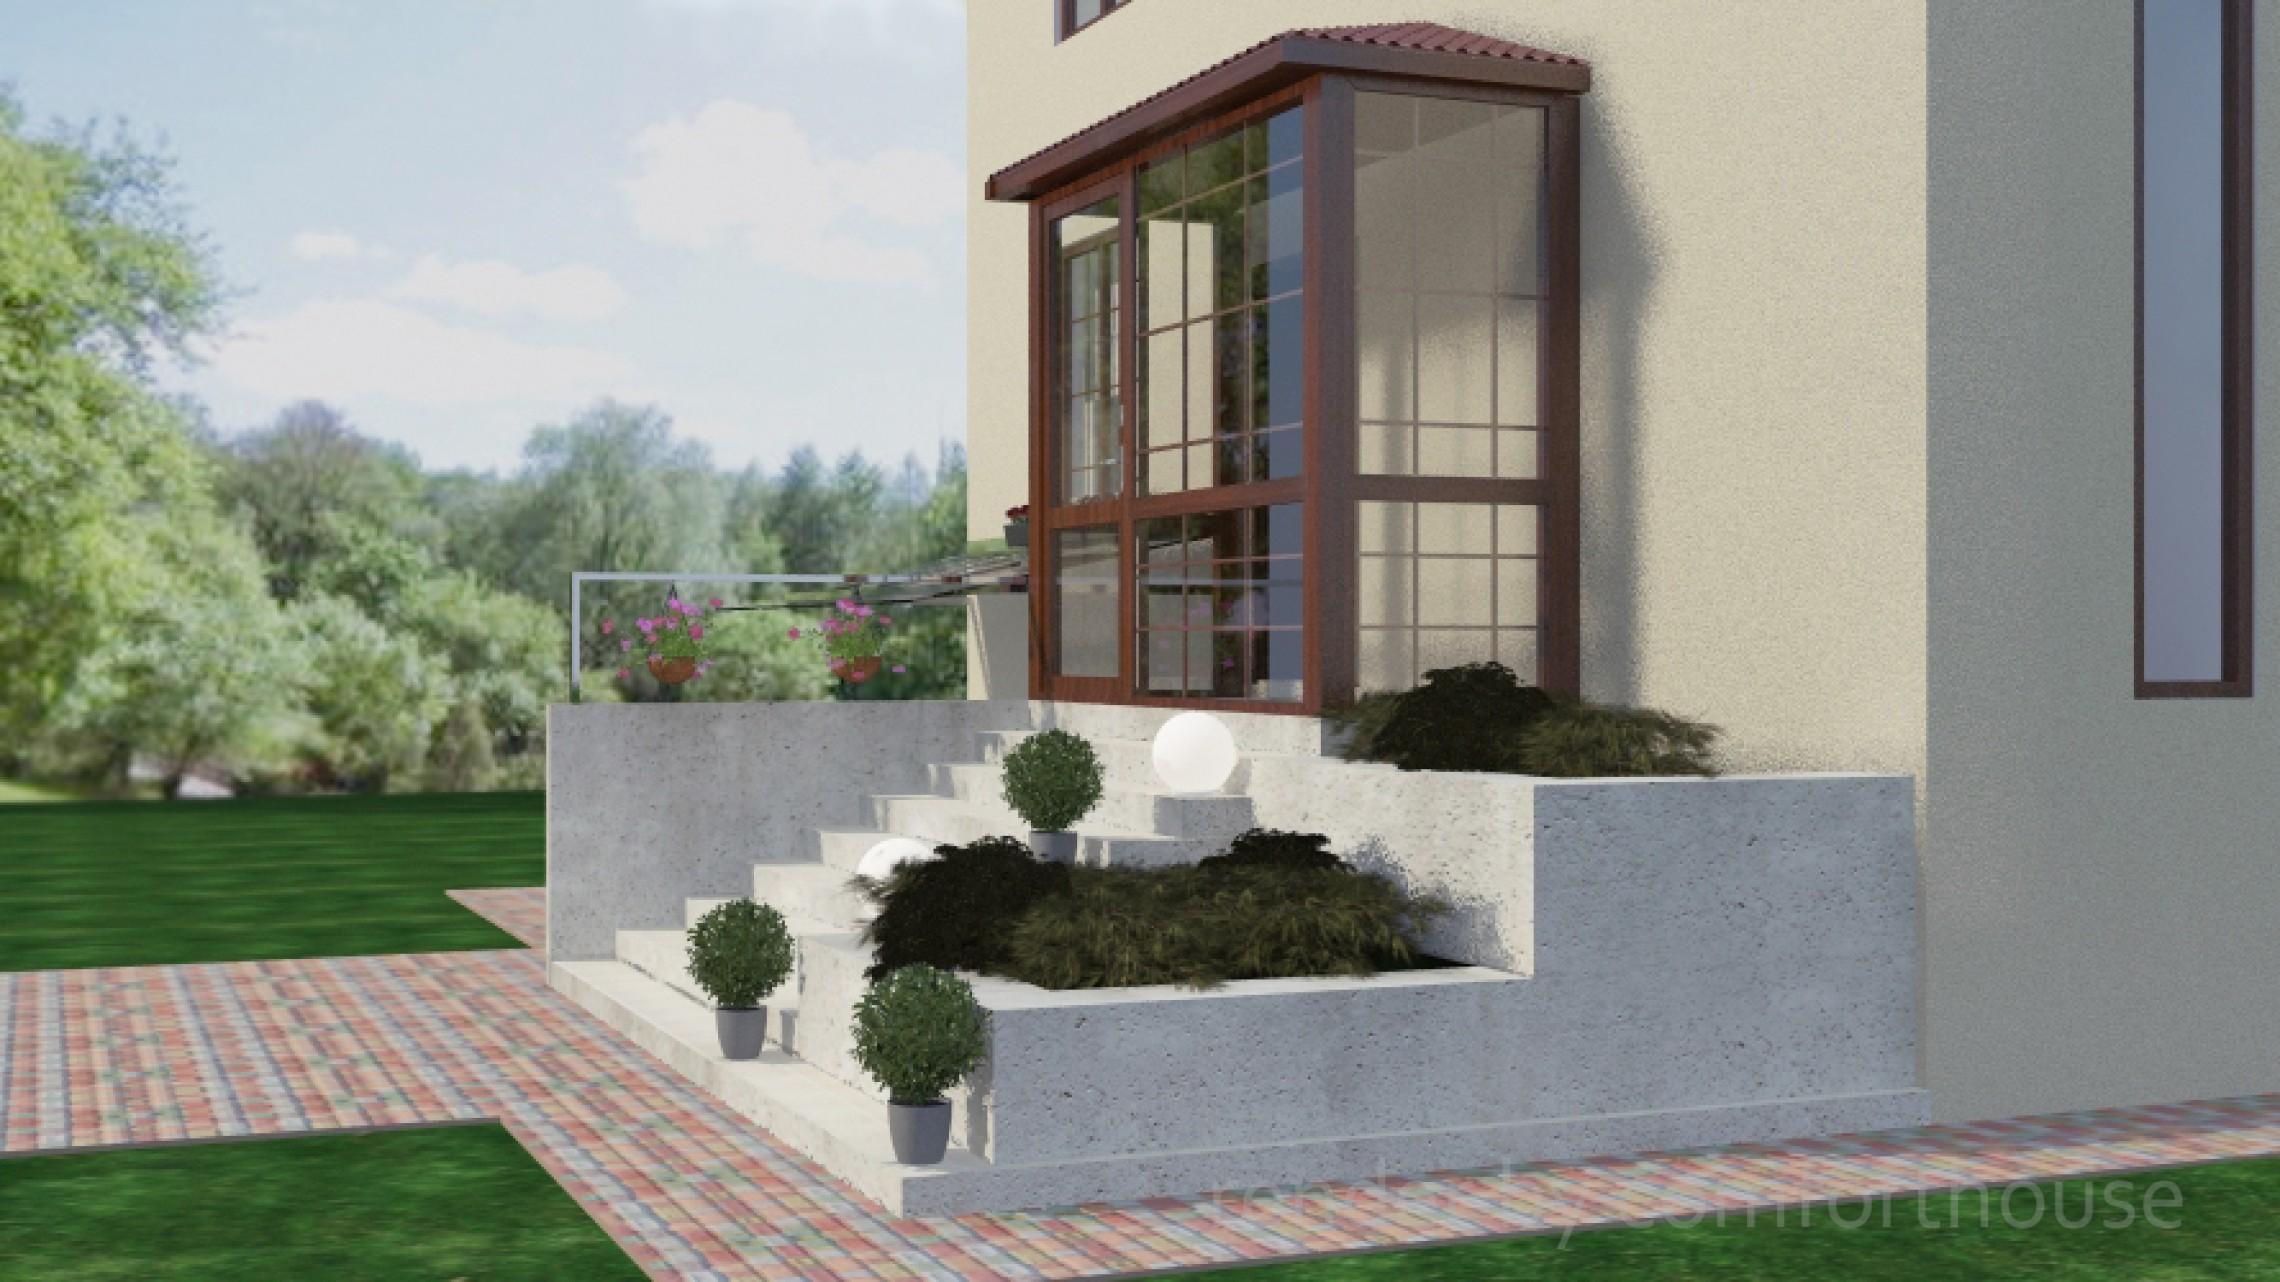 Design entrance area